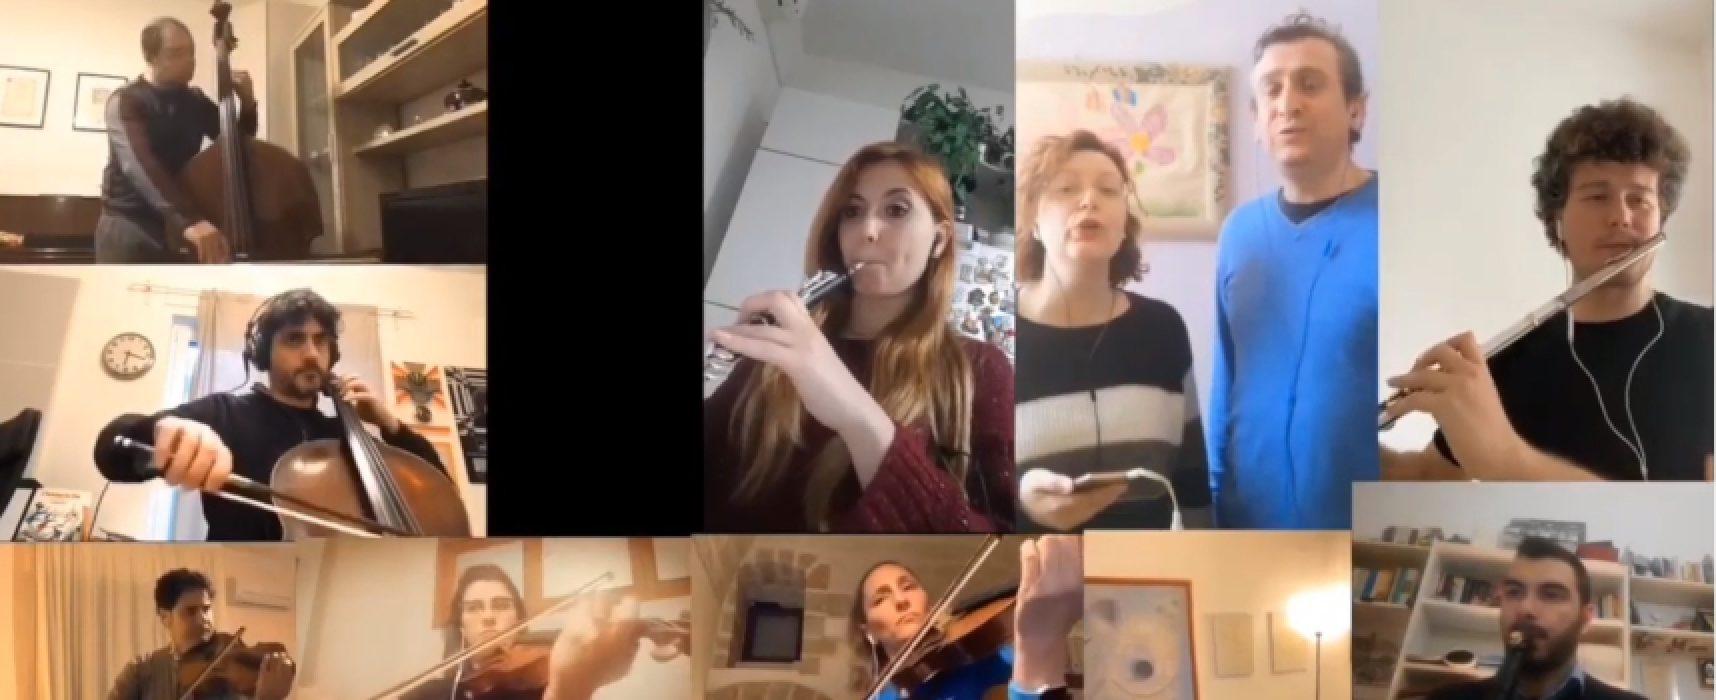 L'Orchestra Filarmonica Pugliese porta la musica a domicilio con Monopoli e Montini / VIDEO